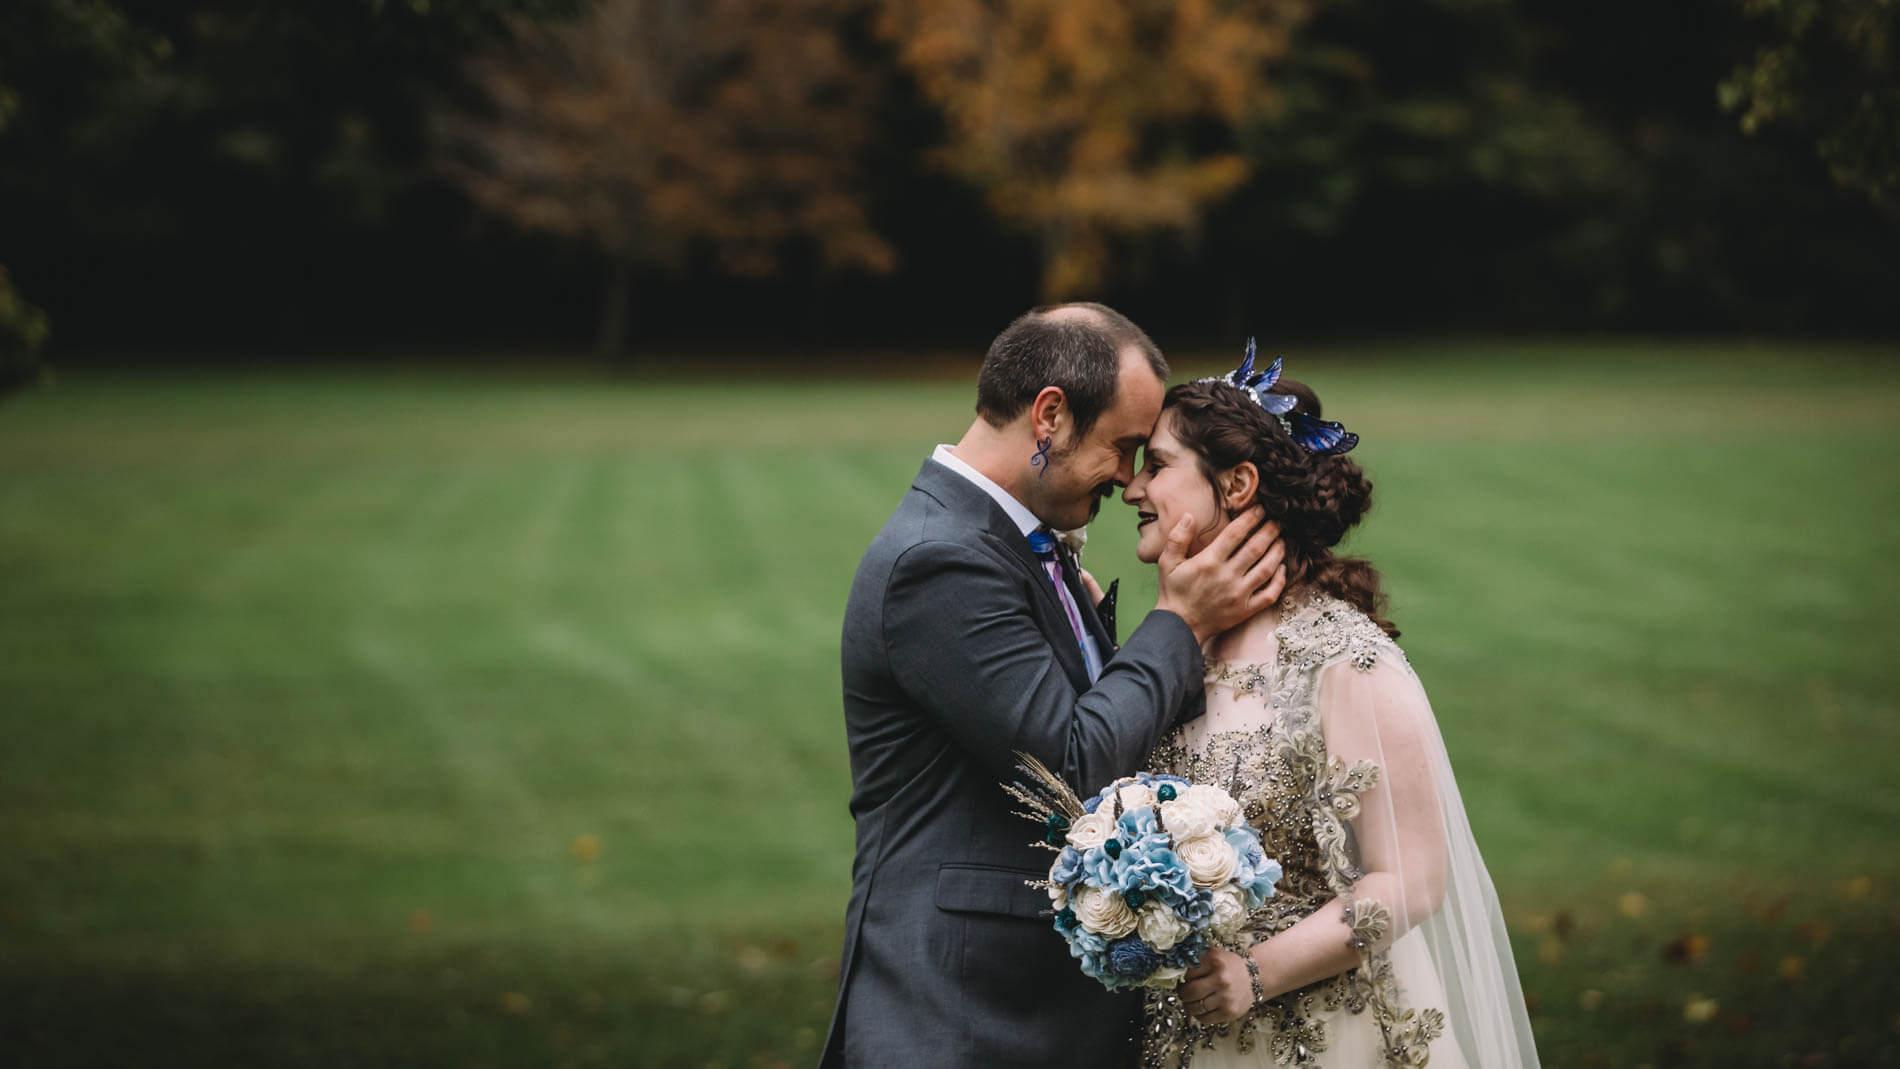 SandyConwayPhotography_Wedding-8932